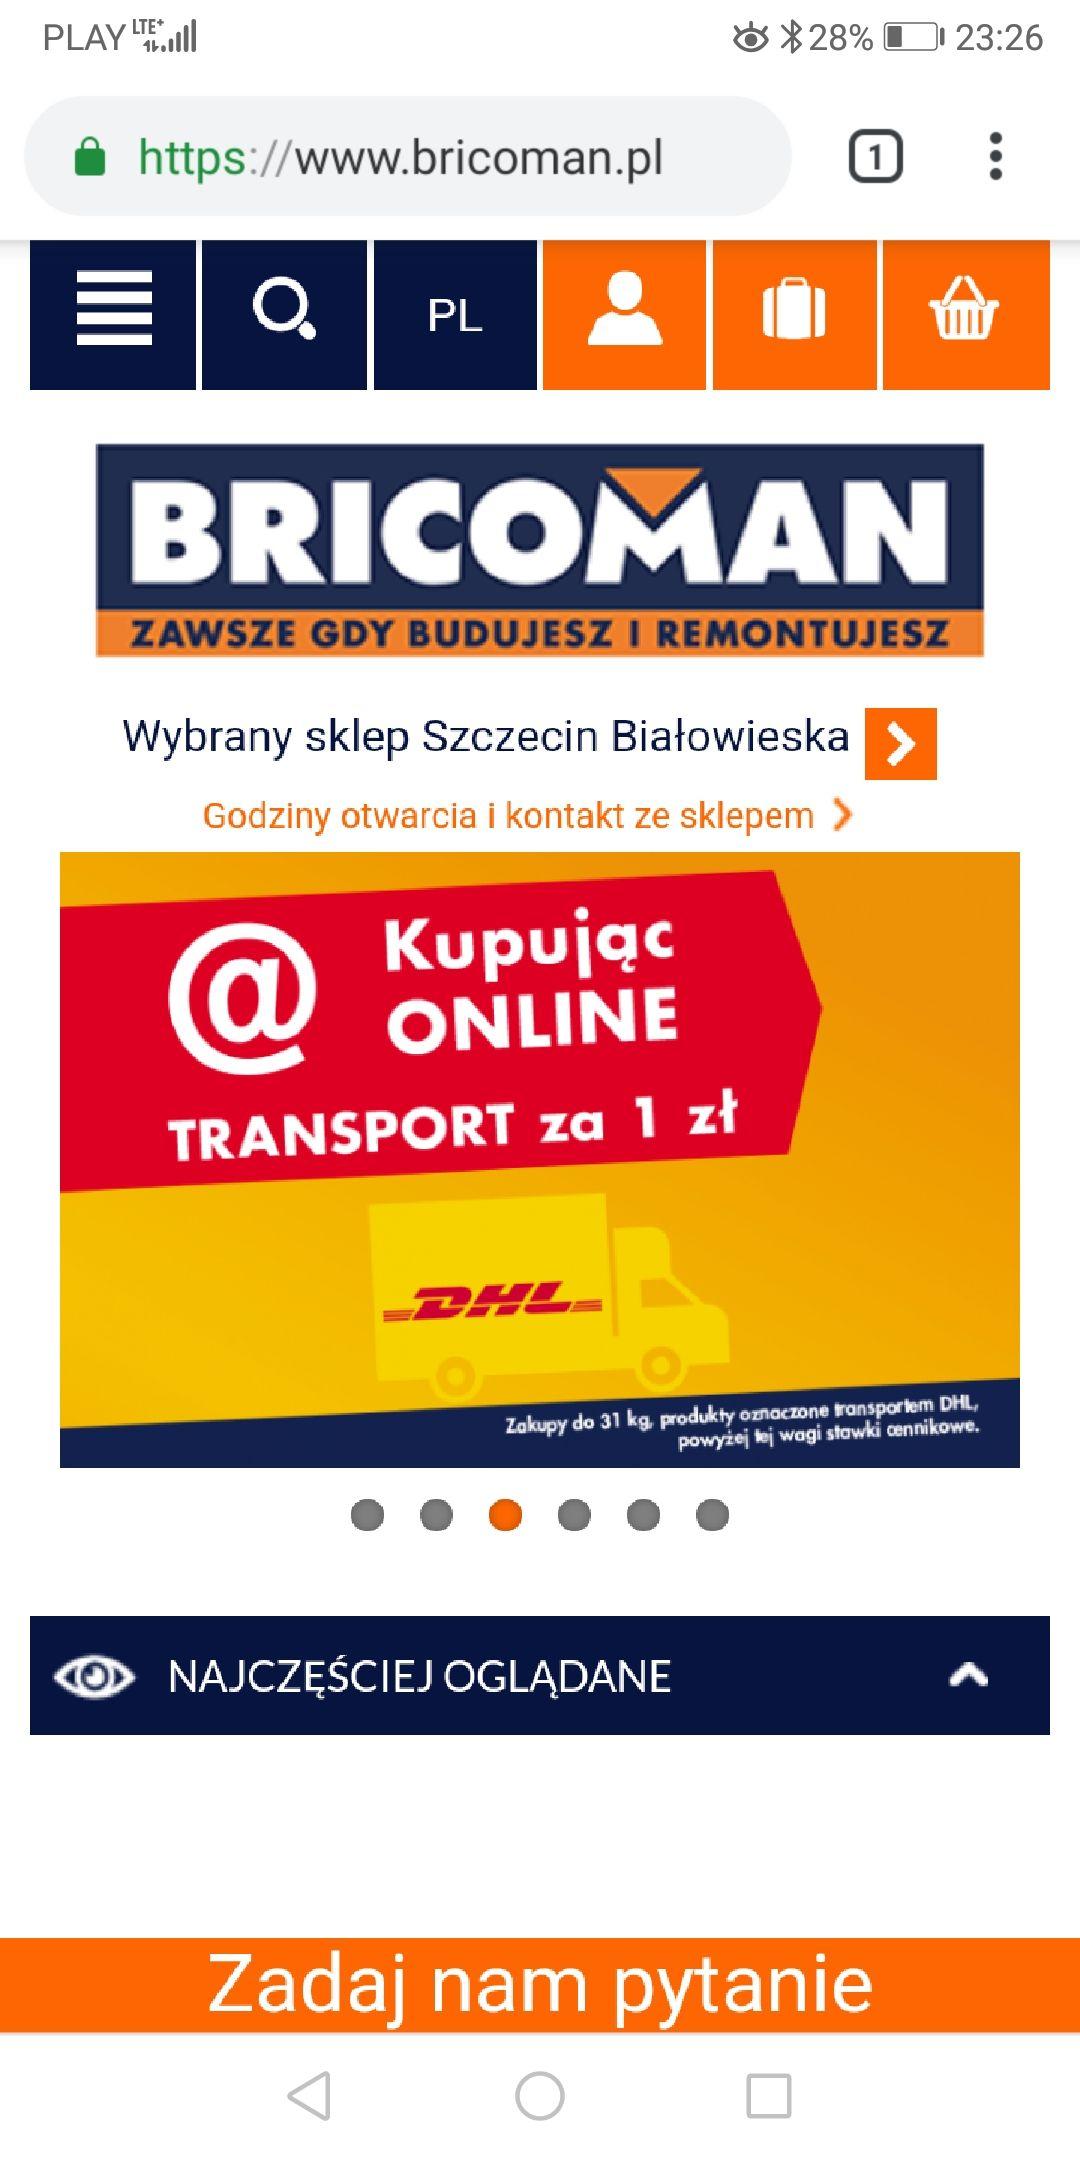 Prawie darmowa dostawa DHL w Bricoman